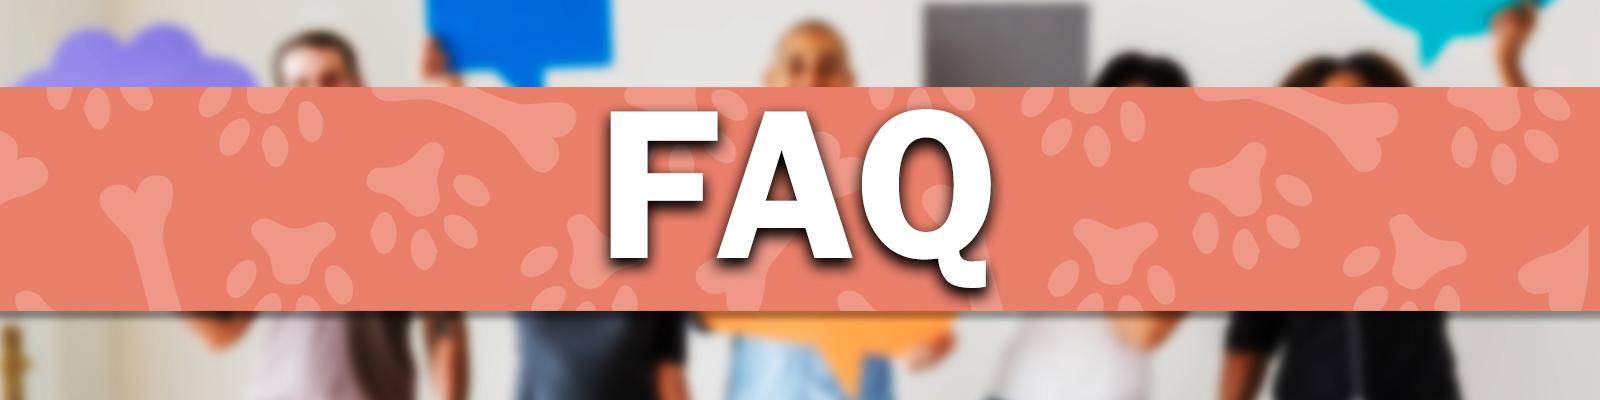 Pure Paws Hemp FAQ